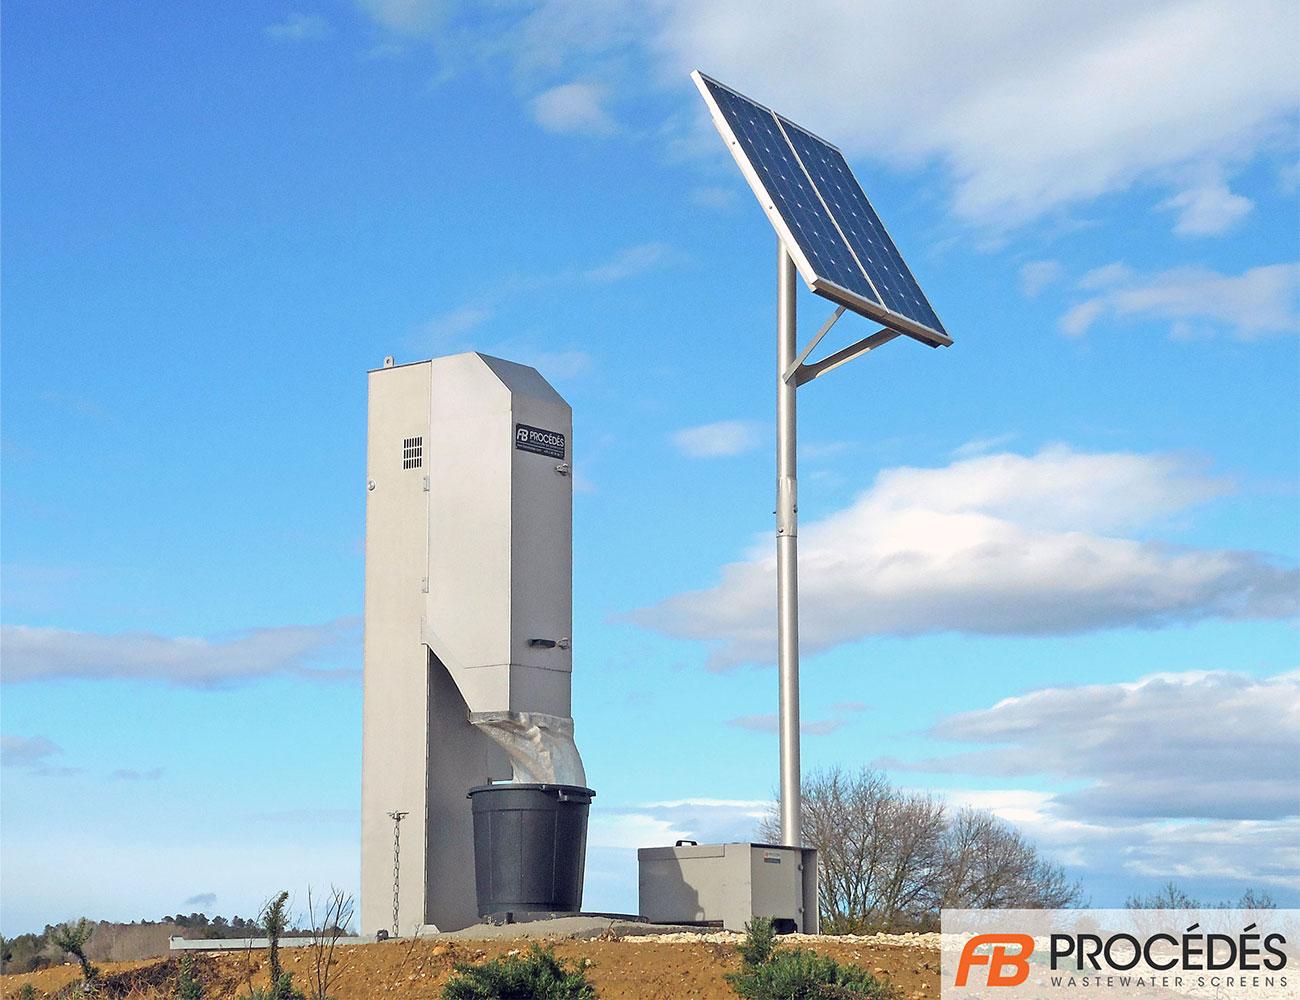 dégrilleur vertical avec alimentation solaire